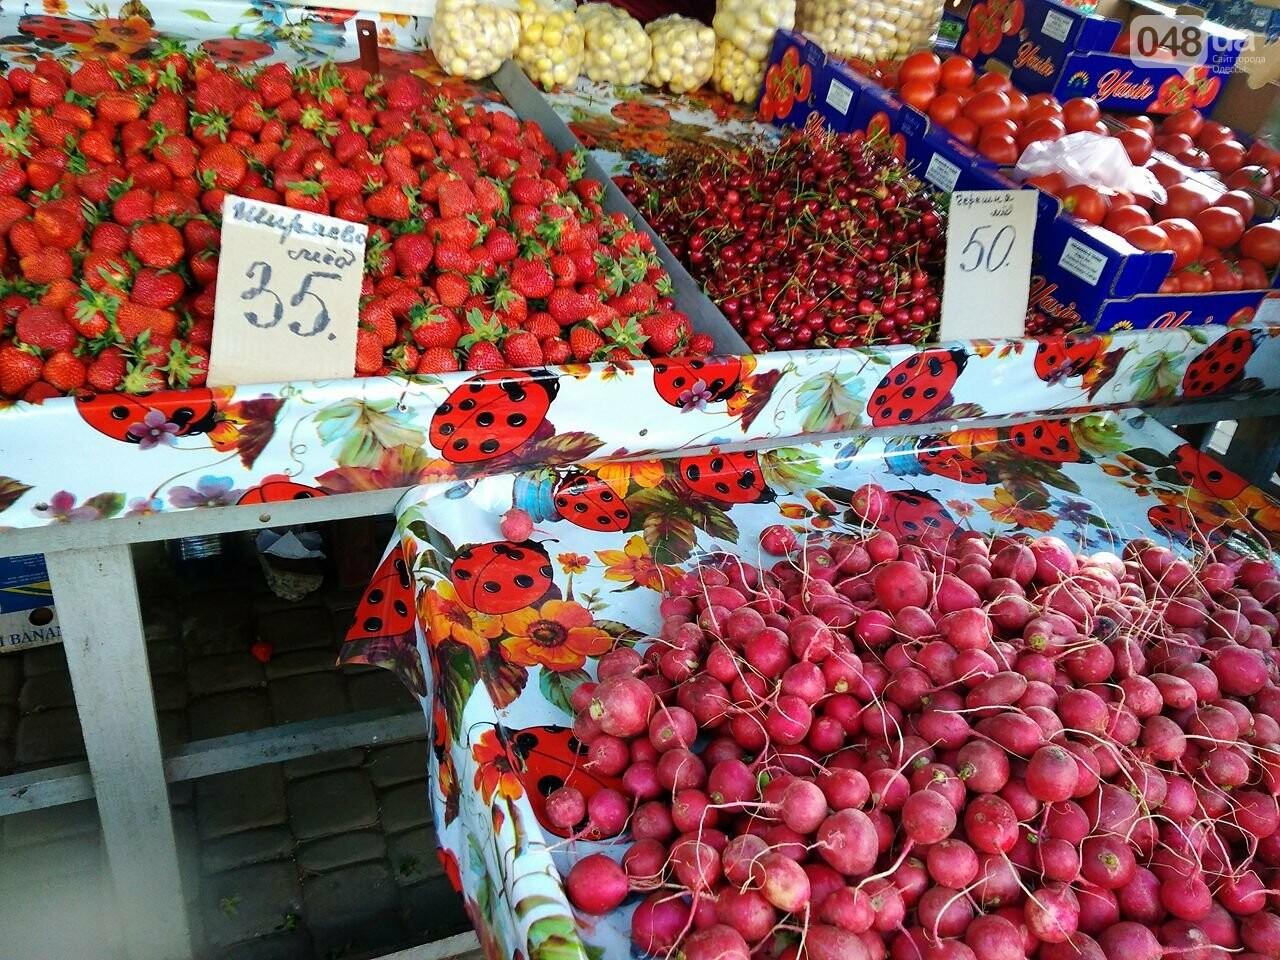 На одесских рынках появились зеленый горошек и черешня, а цена на клубнику упала, - ФОТО, фото-2